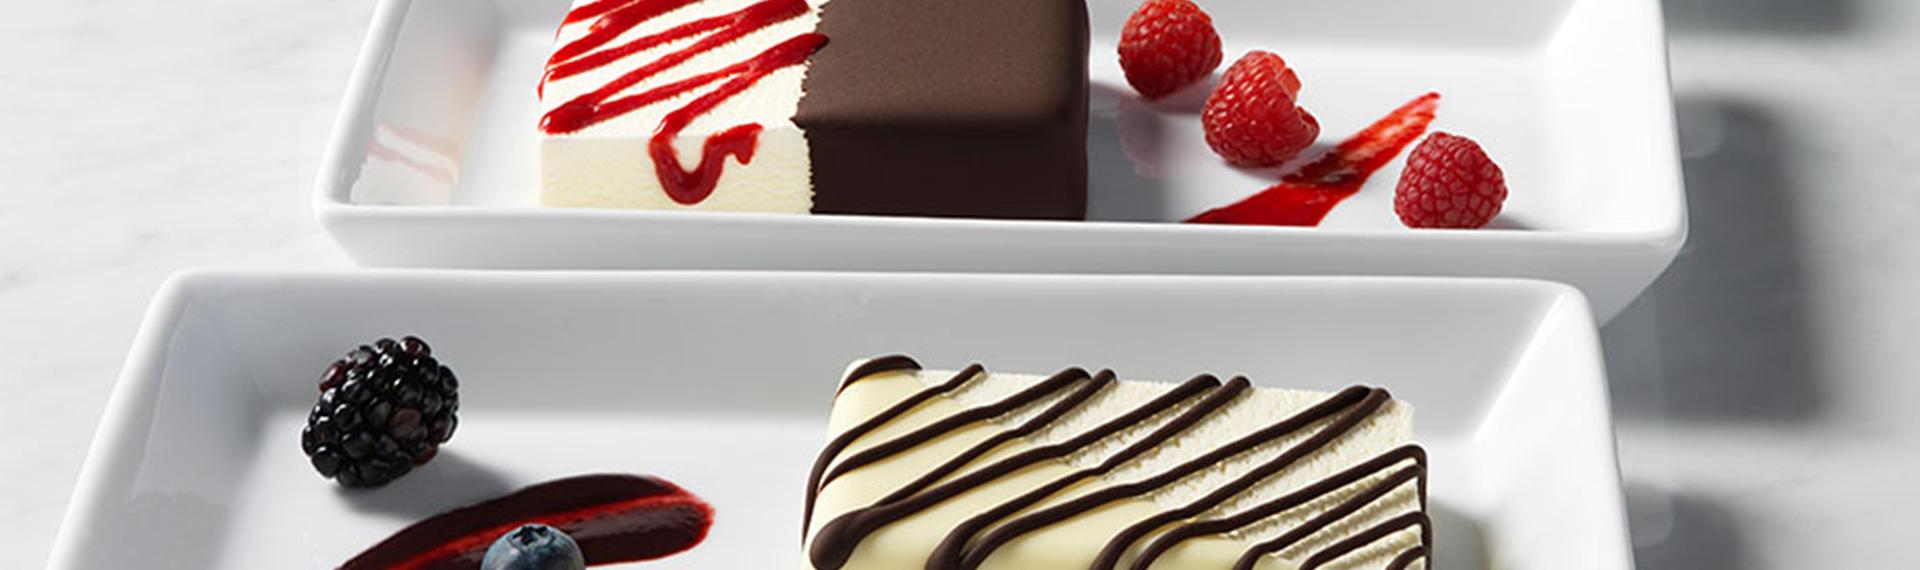 Ice Cream Slices